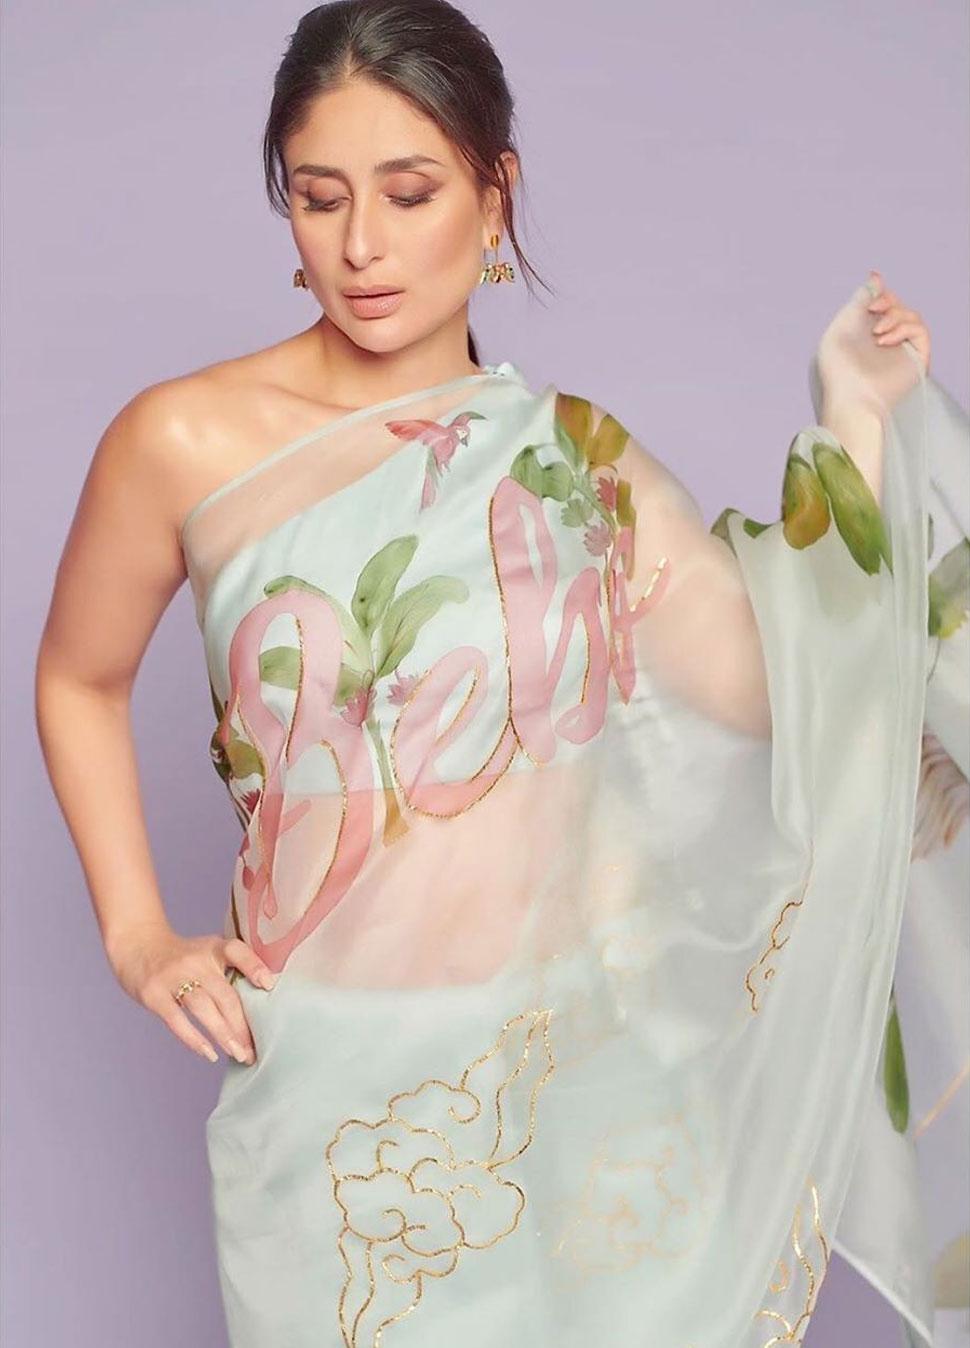 फॅशनचं आयकॉन म्हटलं की बॉलिवूडची बेबो...